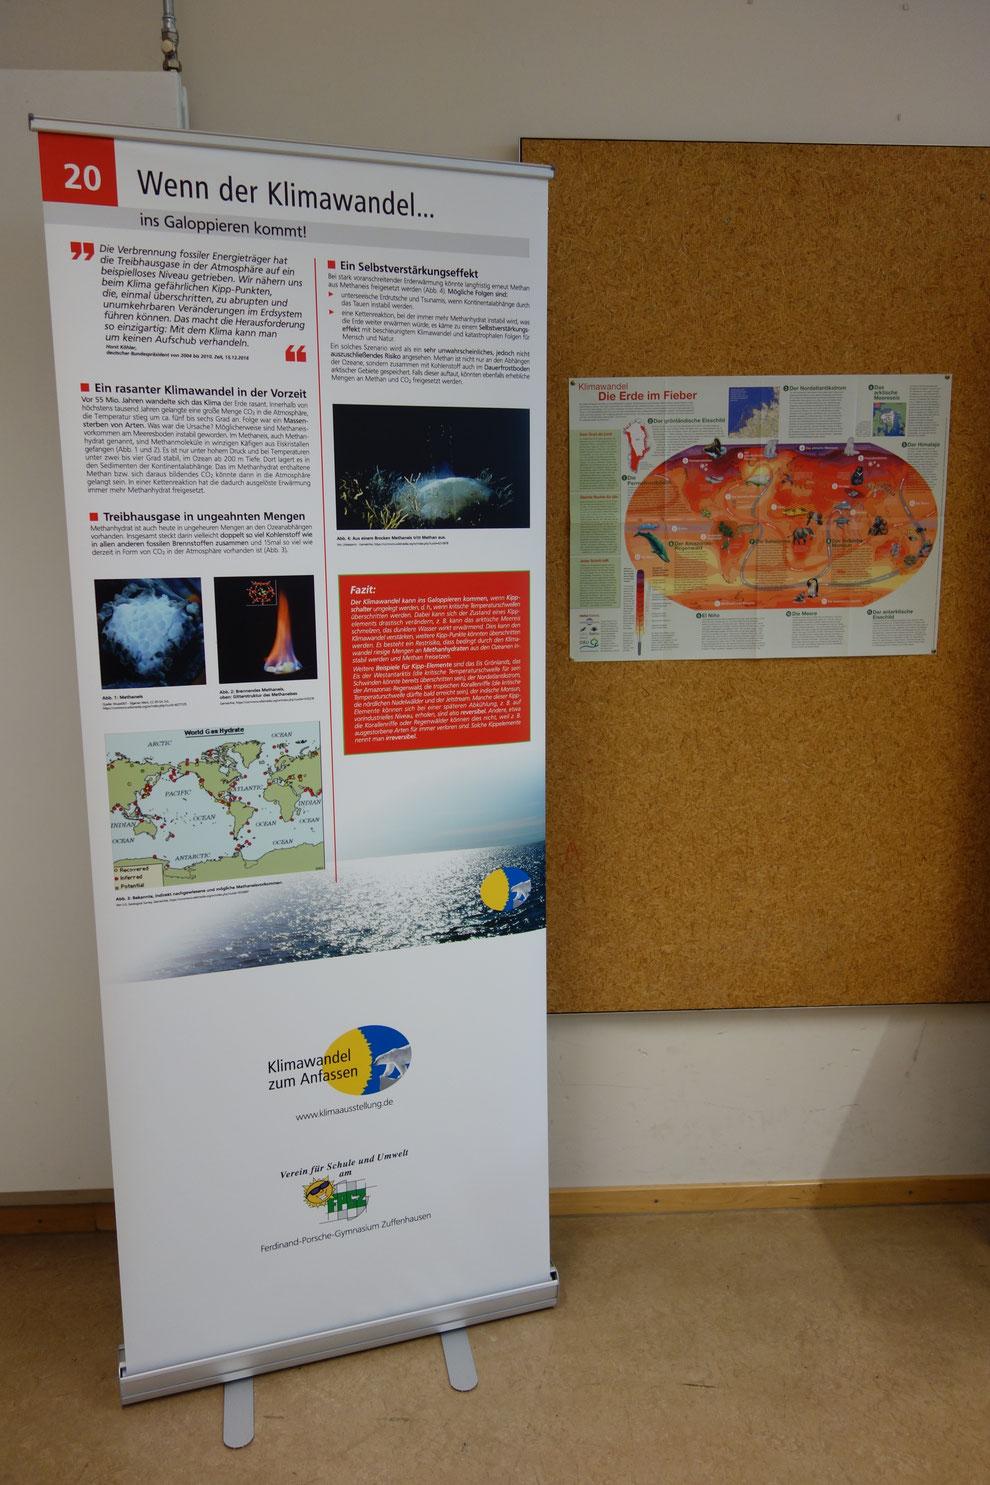 Die Karte rechts neben dem Rollup zeigt, wo überall auf der Erde Kipppunkte überschritten werden können, bei denen der Klimawandel drastische Konsequenzen haben kann.